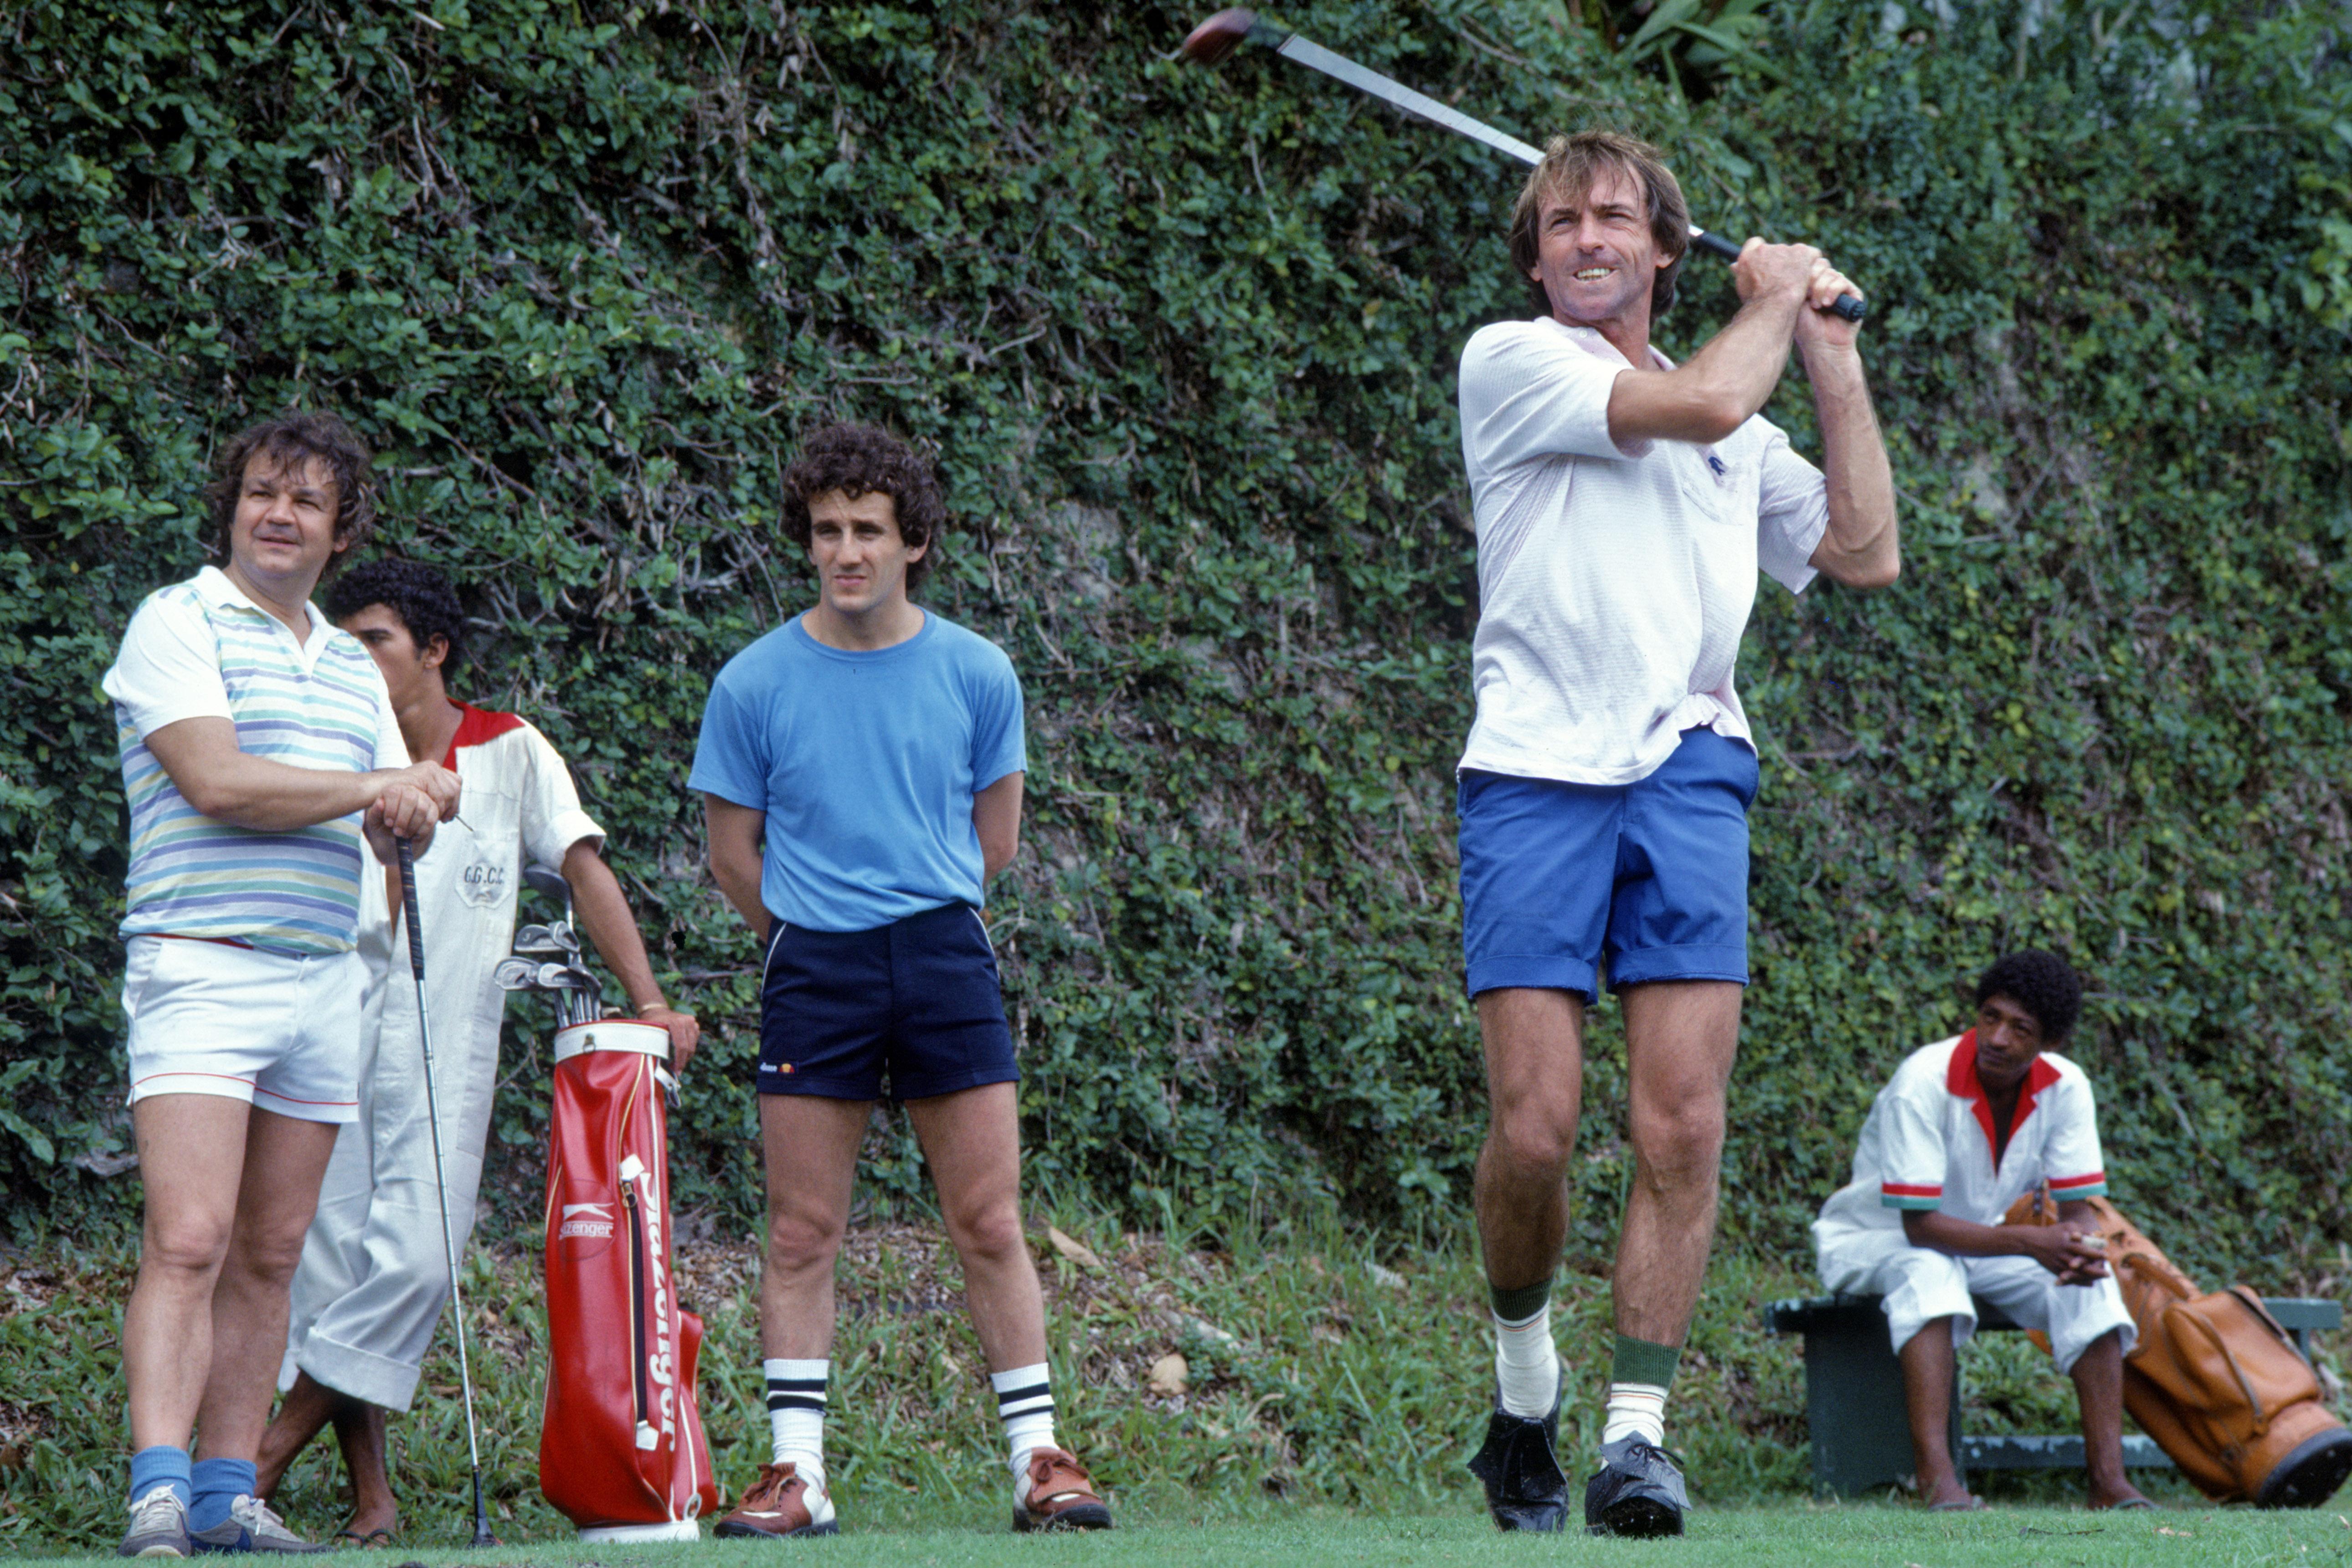 Prost er dyktig på golfbanen, her spiller man mot Jaques Laffite en gang på tidlig åttitall. Foto: Williams